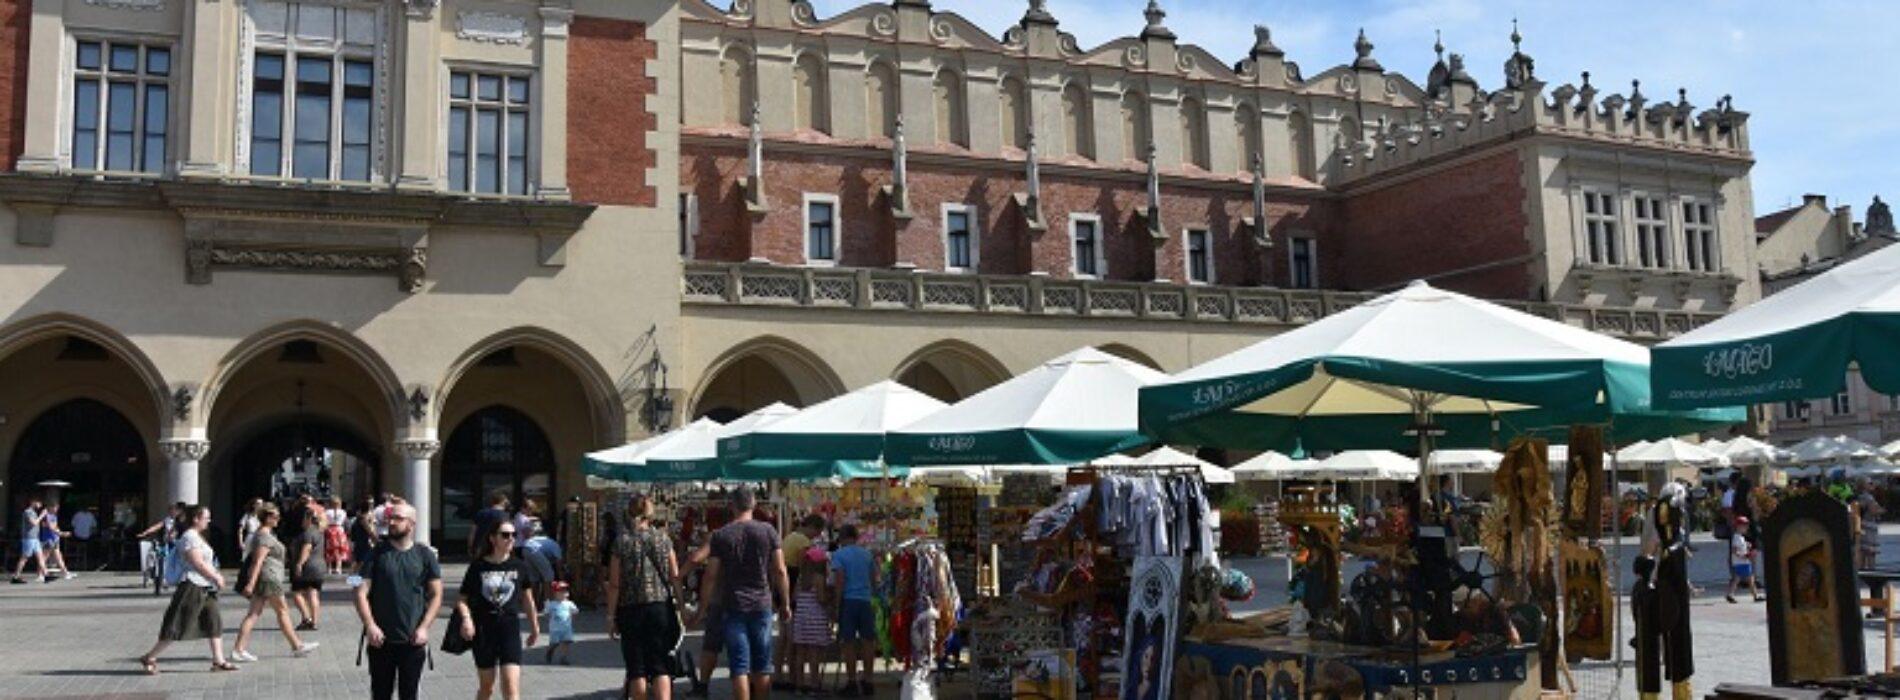 Otwarcie jubileuszowych Targów Sztuki Ludowej w Krakowie